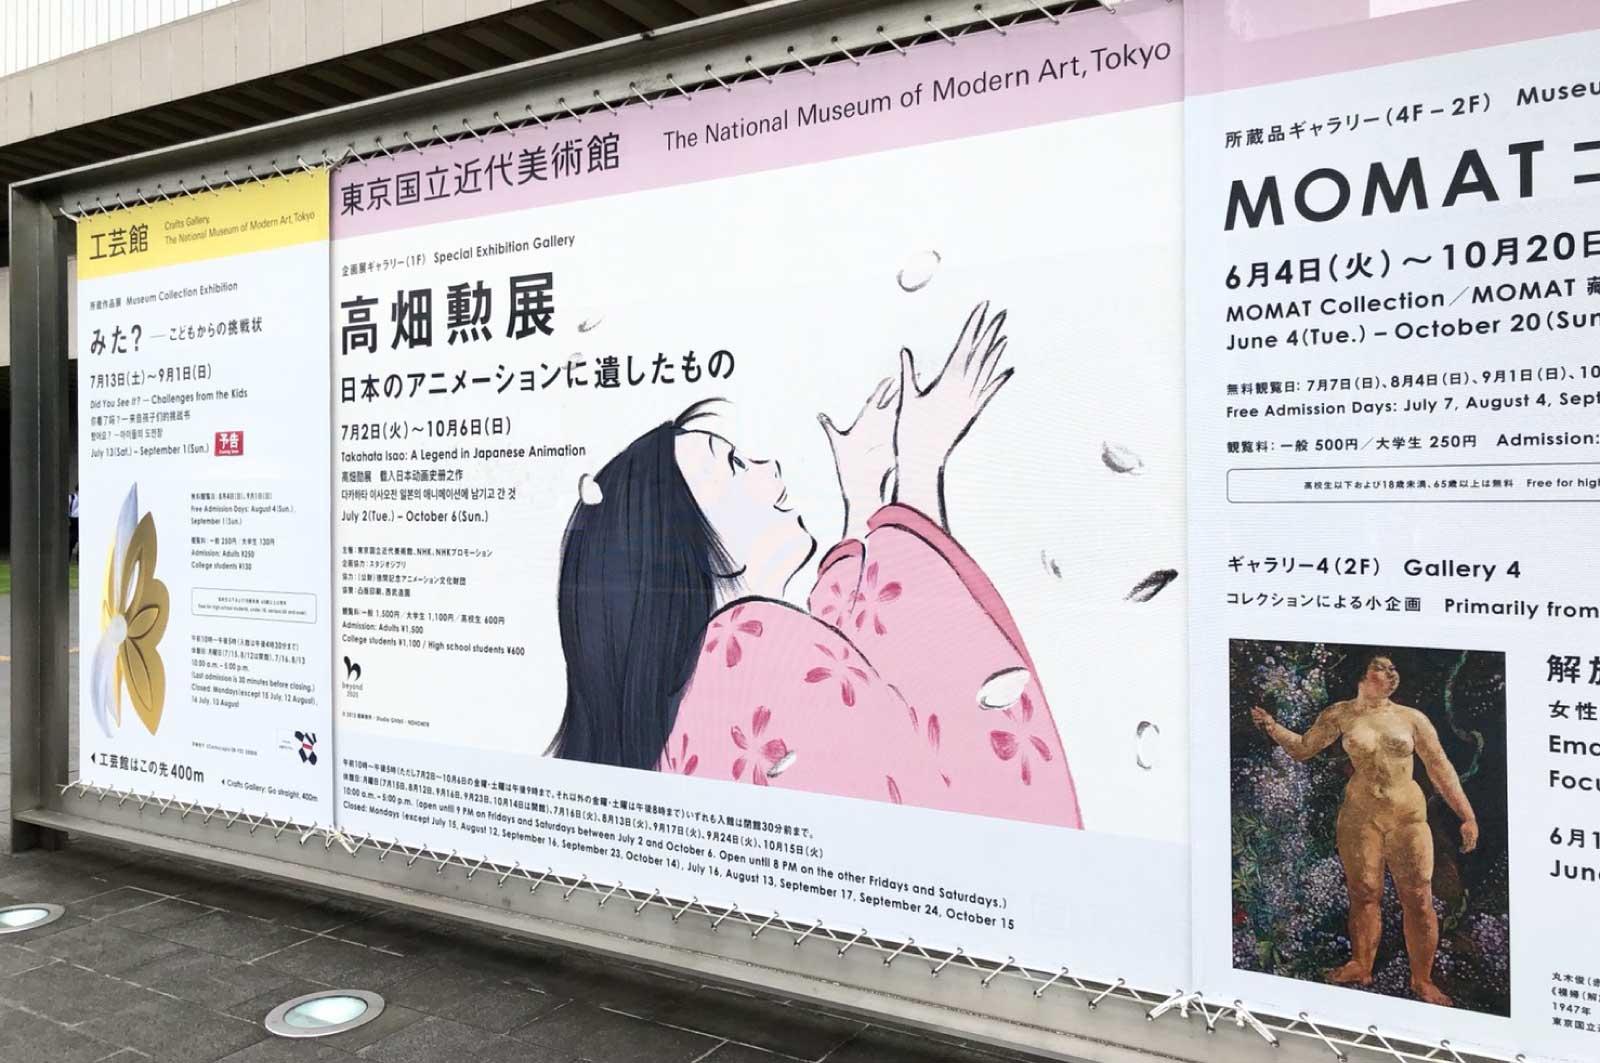 高畑勲展(東京国立近代美術館)